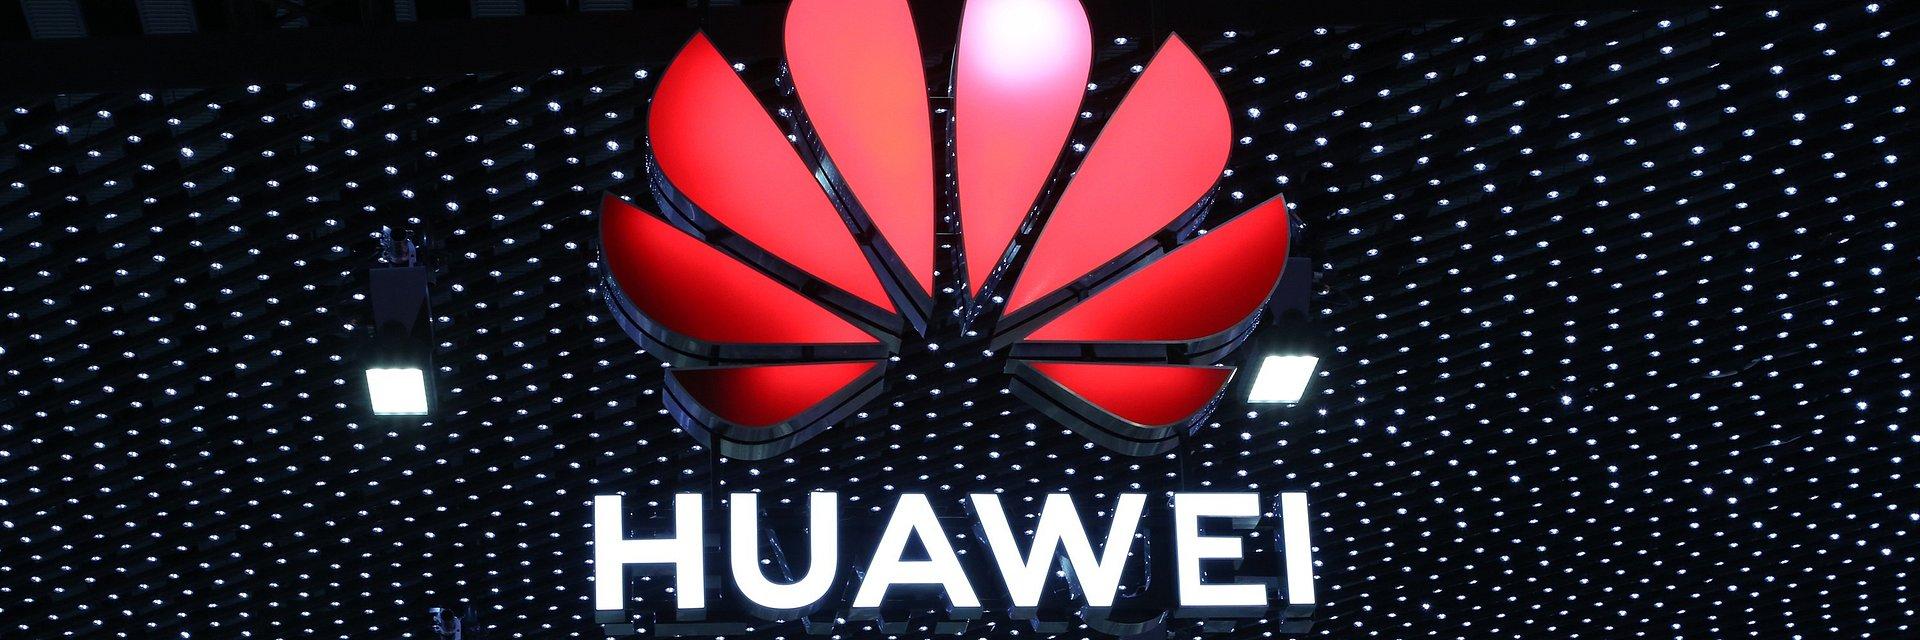 Huawei nagrodzony przez Fundację Wspierania Rozwoju Radiokomunikacji i Technik Multimedialnych